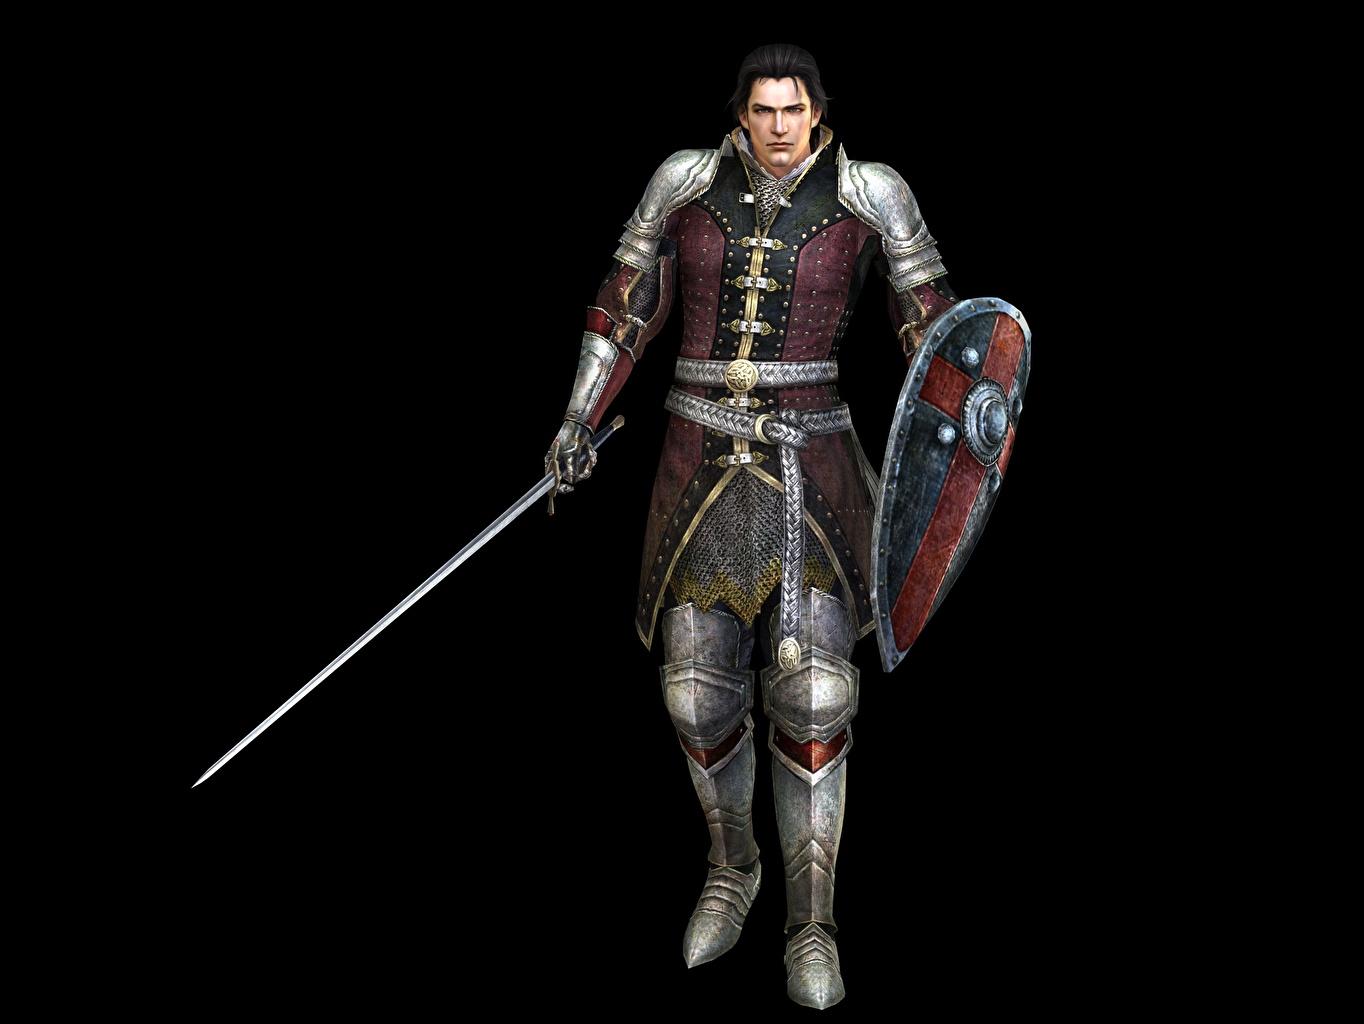 Hintergrundbilder Bladestorm Schwert Schild (Schutzwaffe) Mann Krieger Nightmare, Magnus (Mercenary) Fantasy 3D-Grafik Spiele Schwarzer Hintergrund